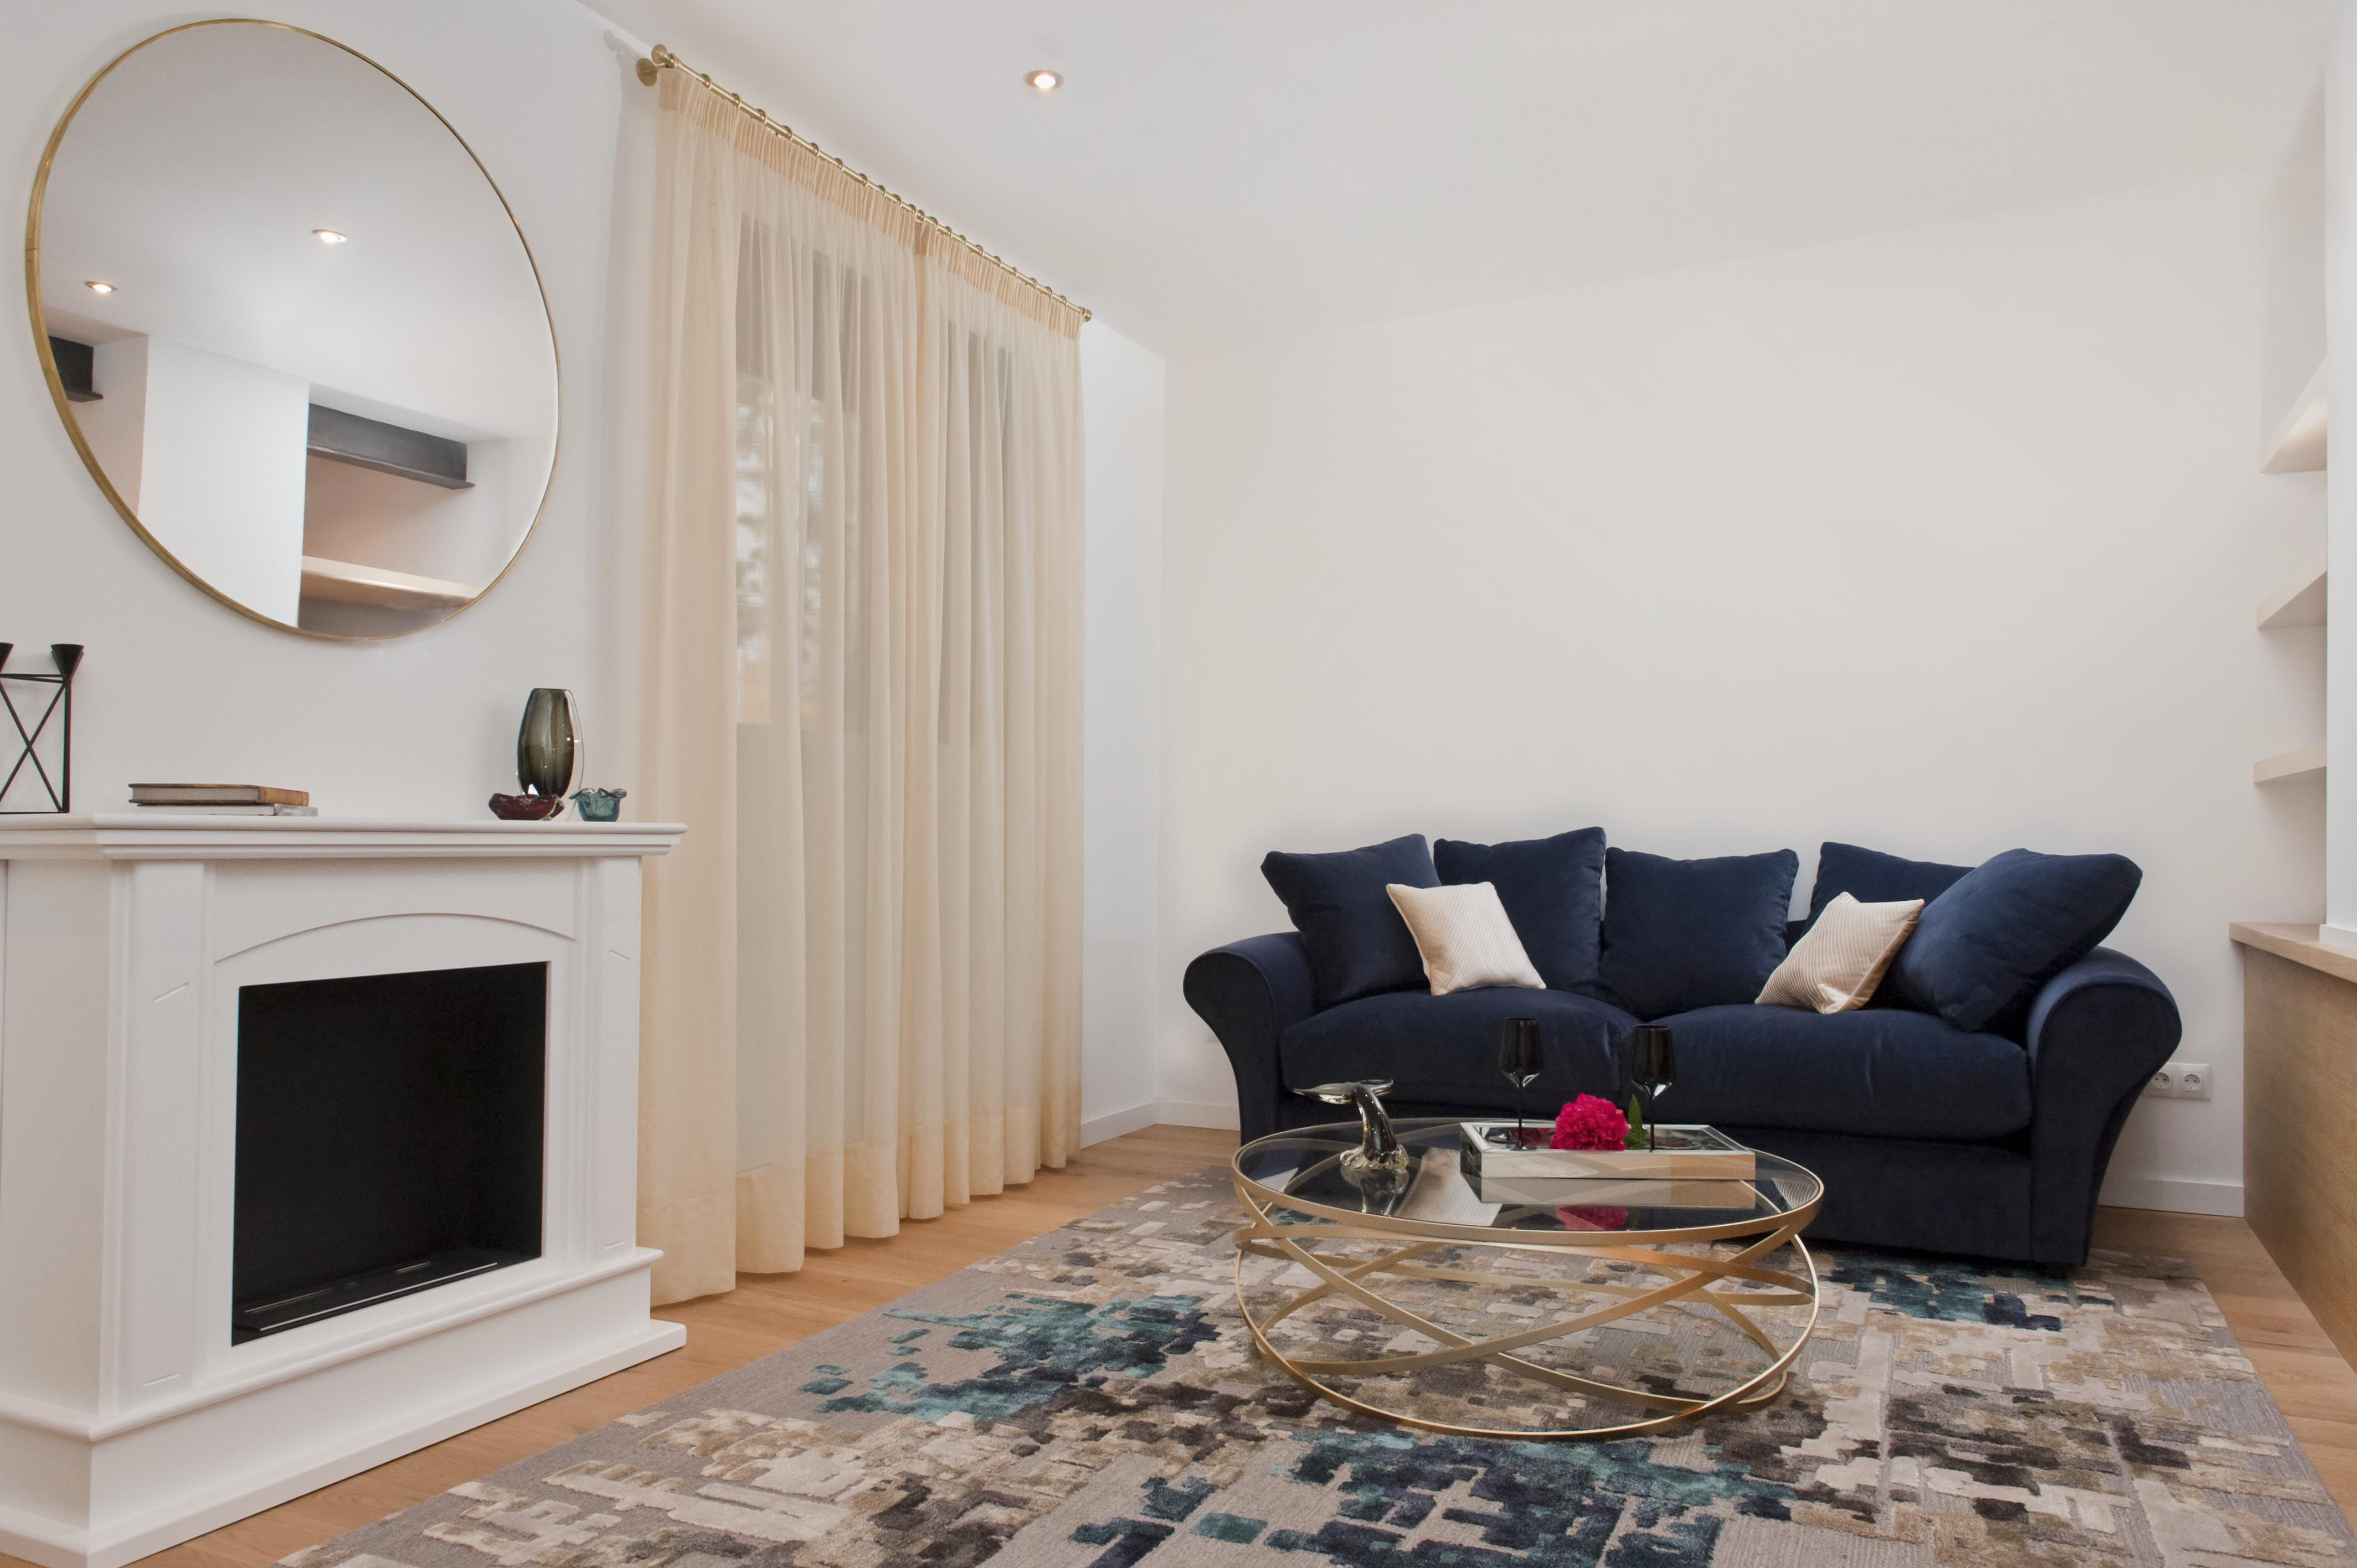 12 claves para aplicar la decoraci n emocional en el hogar for Todo en decoracion para el hogar